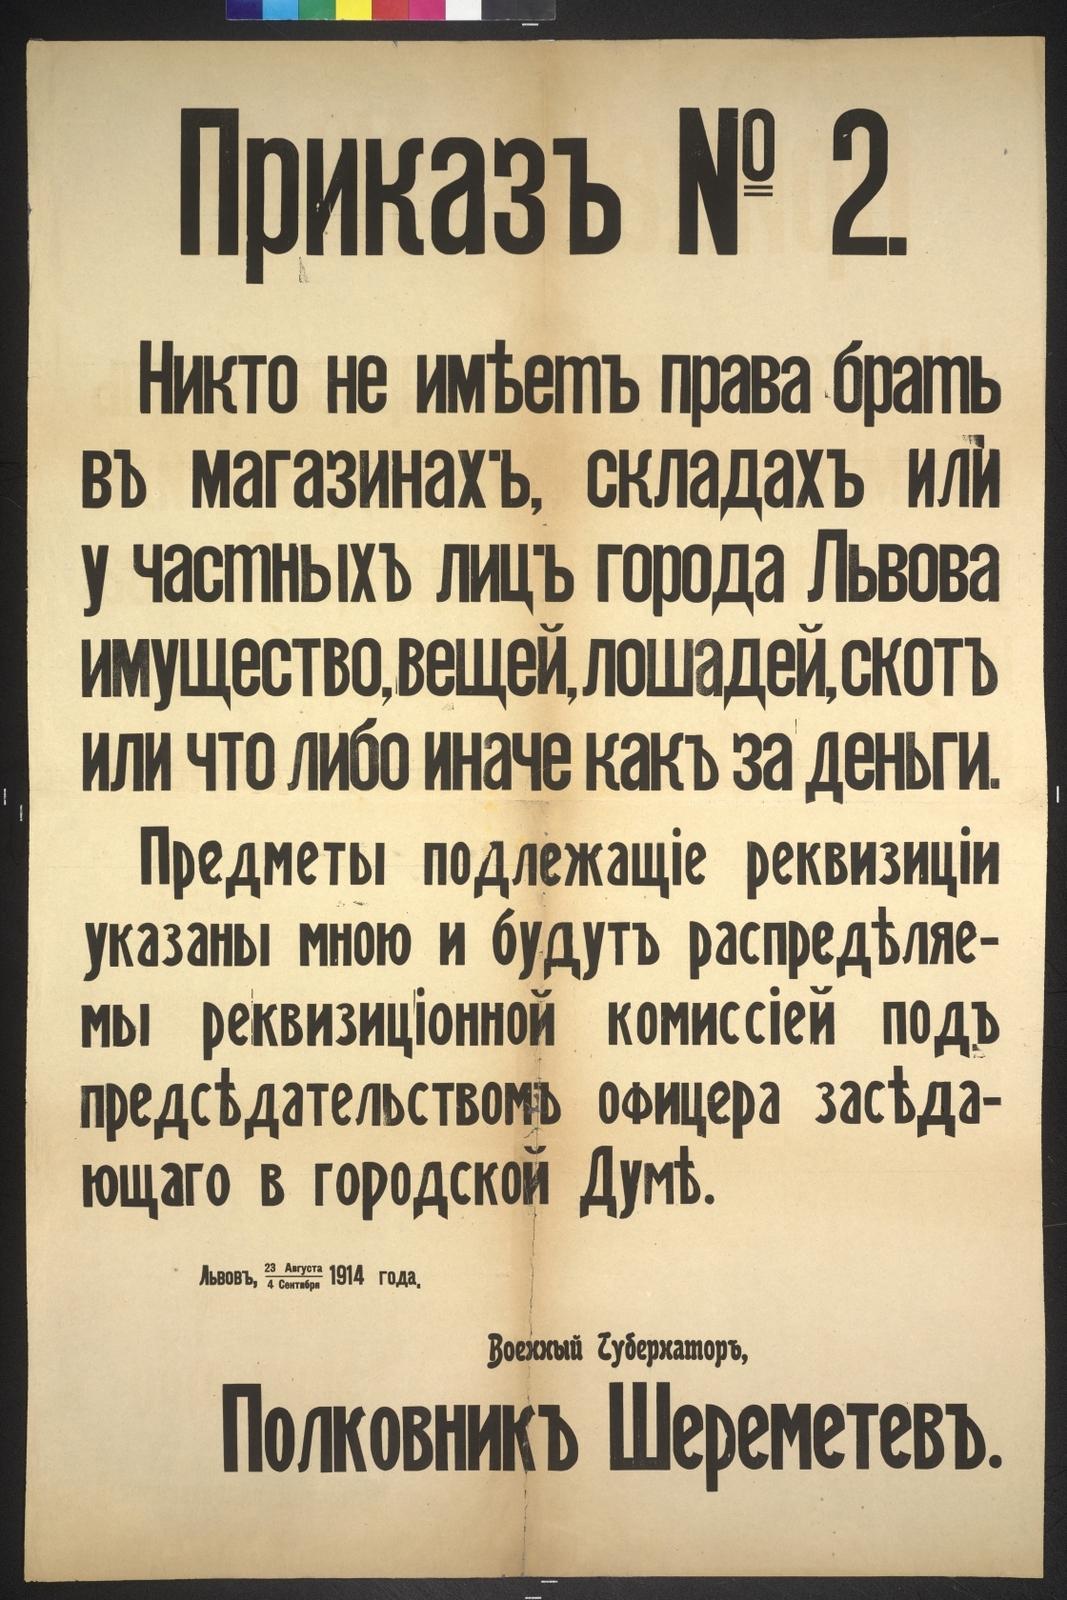 In russischer Sprache